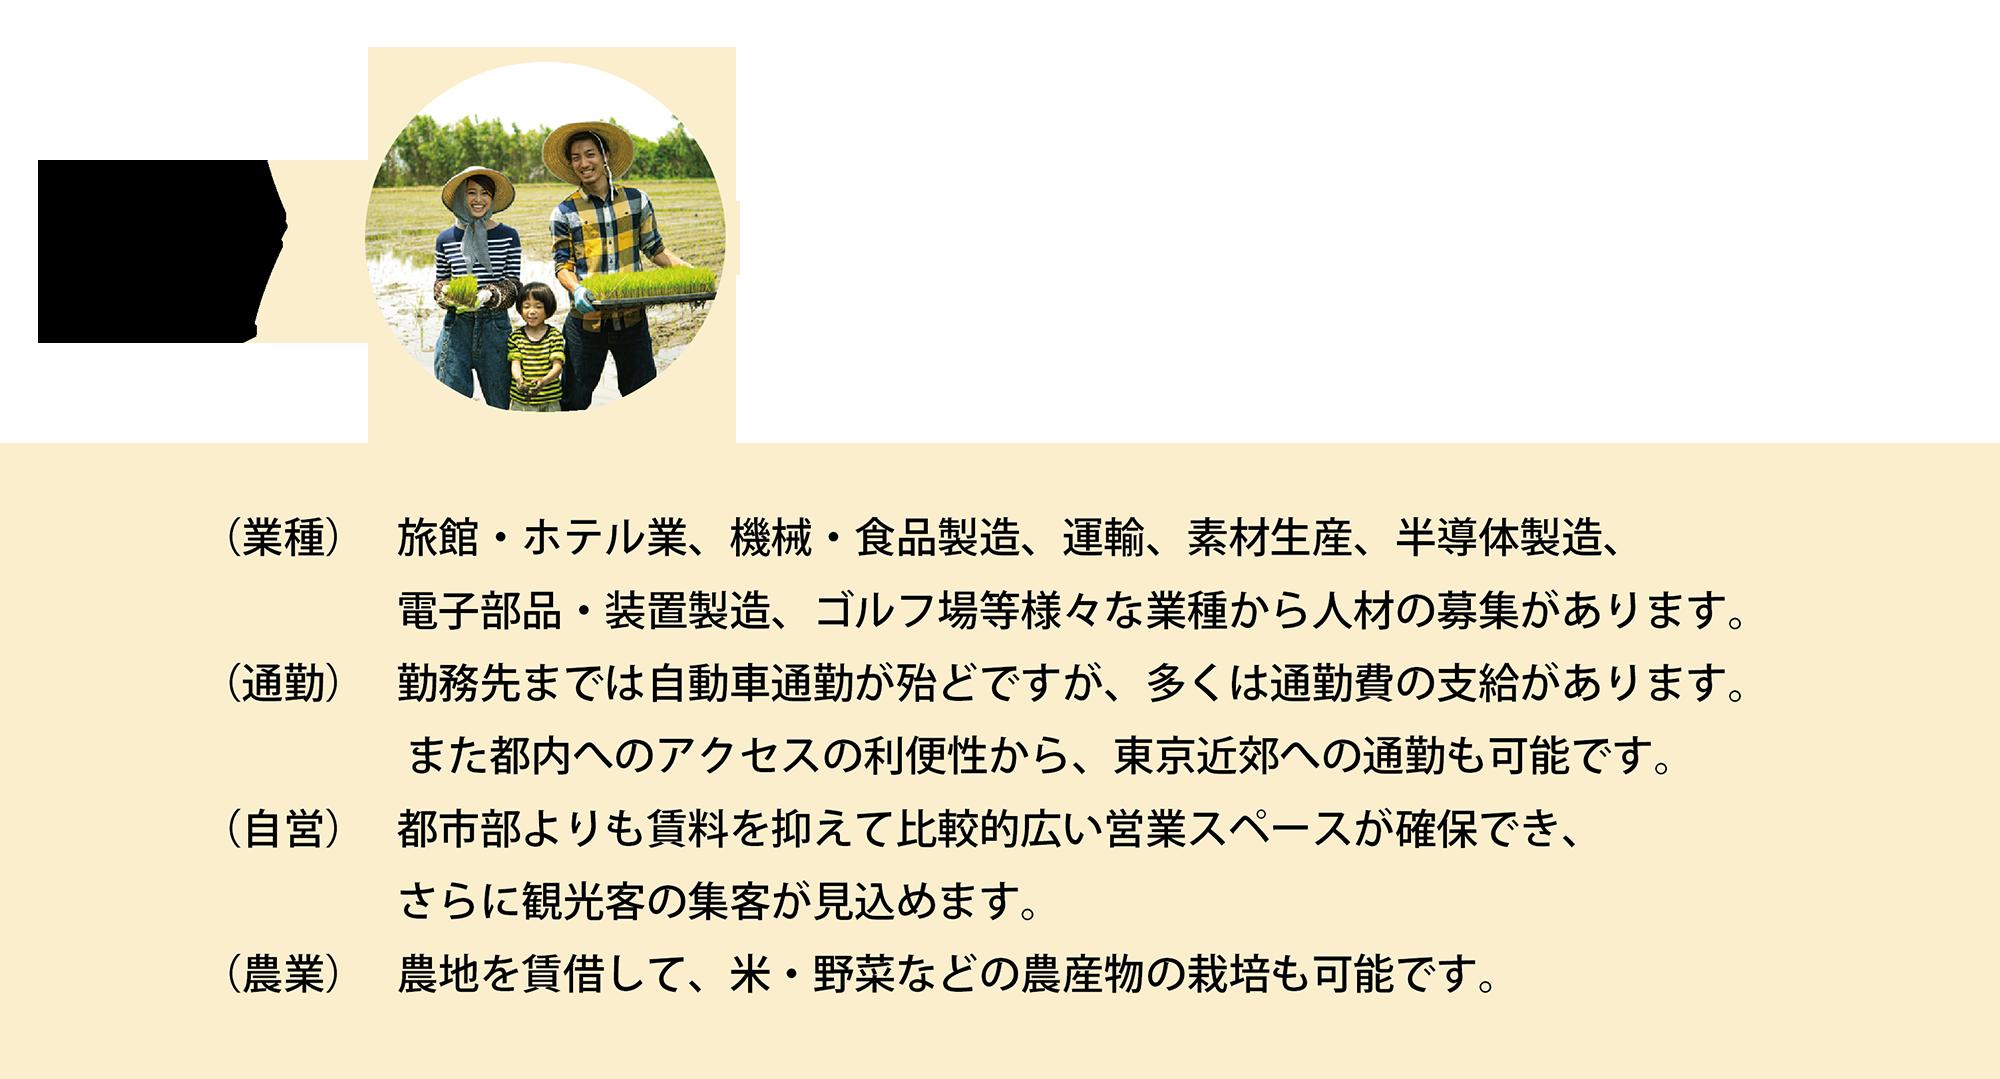 富士吉田でのUターン、Iターンを応援します。